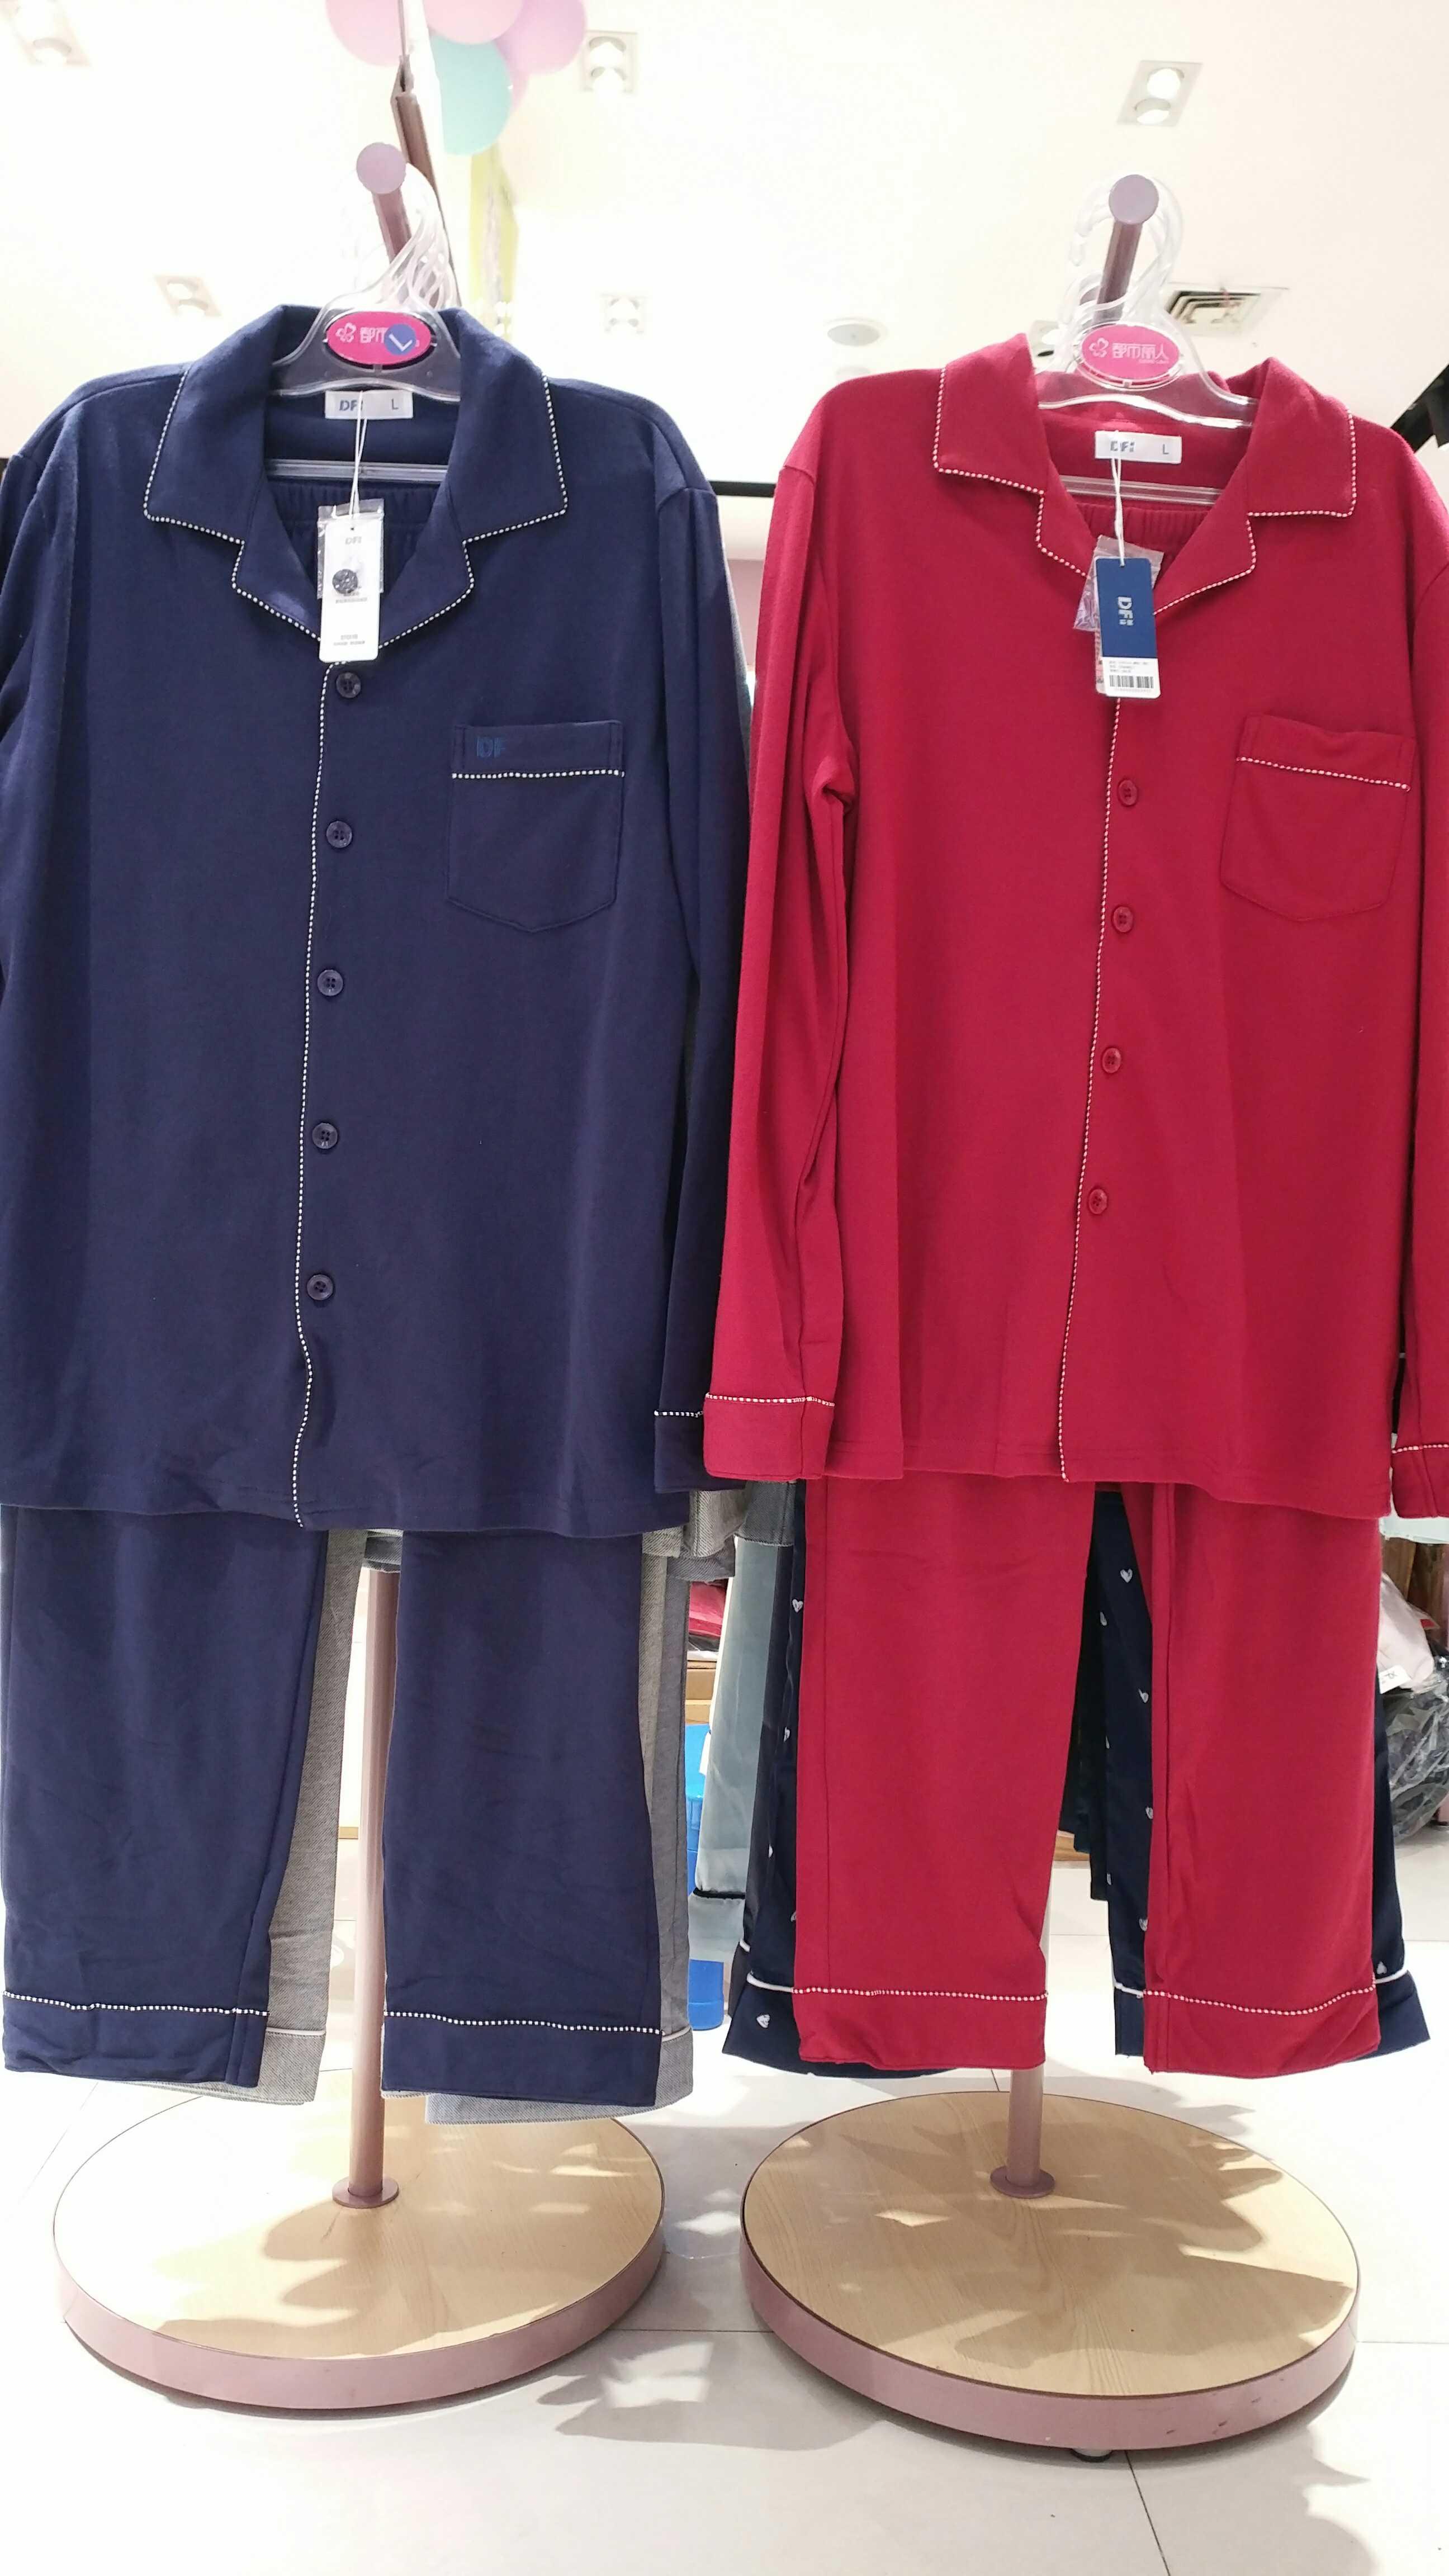 都市丽人男士睡衣19年新款FH91A4棉质舒适面料长袖长裤家居服套装